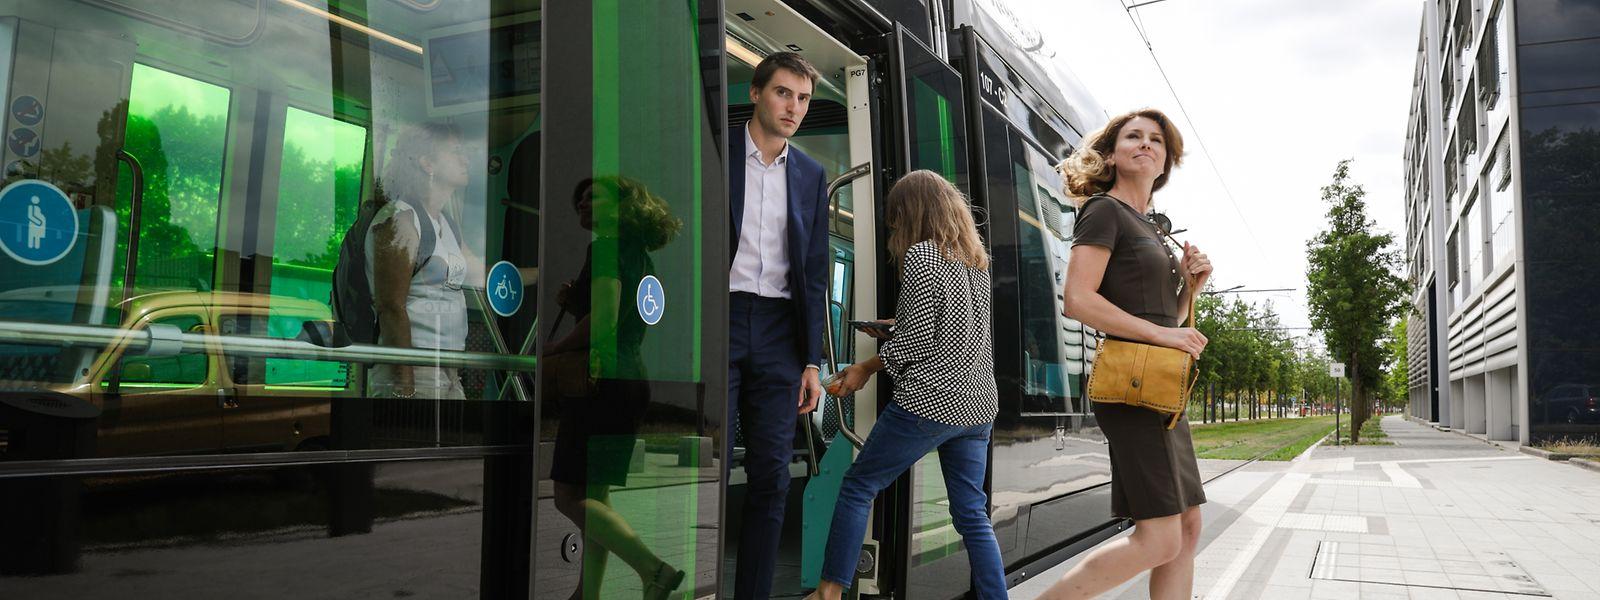 56% des personnes interrogées n'ont pas encore utilisé le tram.